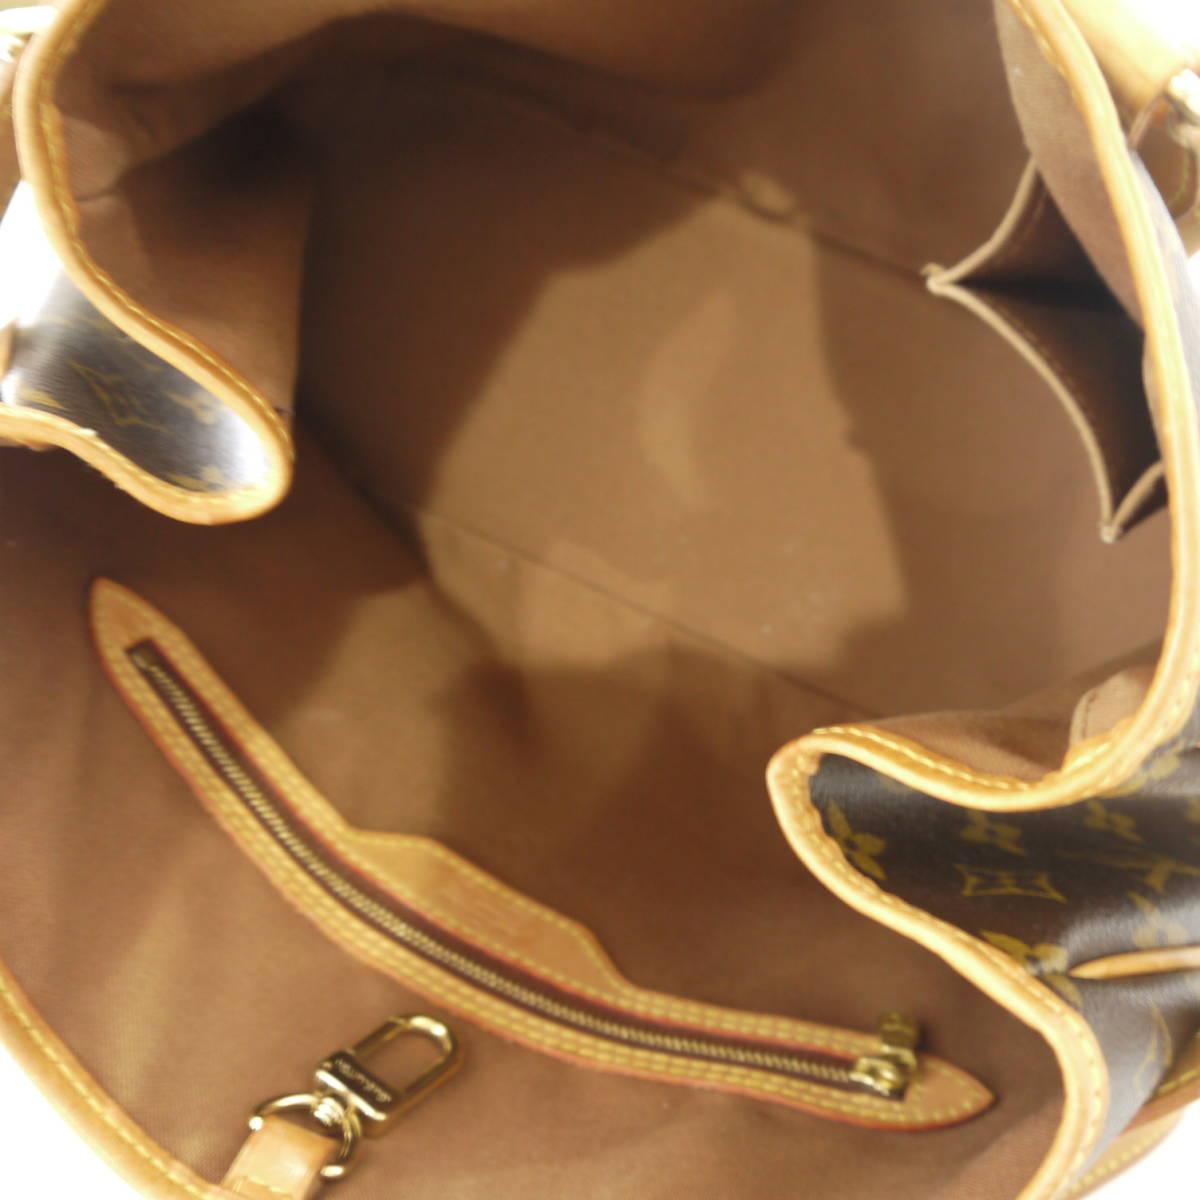 早い者勝ち!! LOUIS VUITTON ルイヴィトン モノグラム バティニョール オリゾンタル ショルダーバッグ トートバッグ M51154_画像8